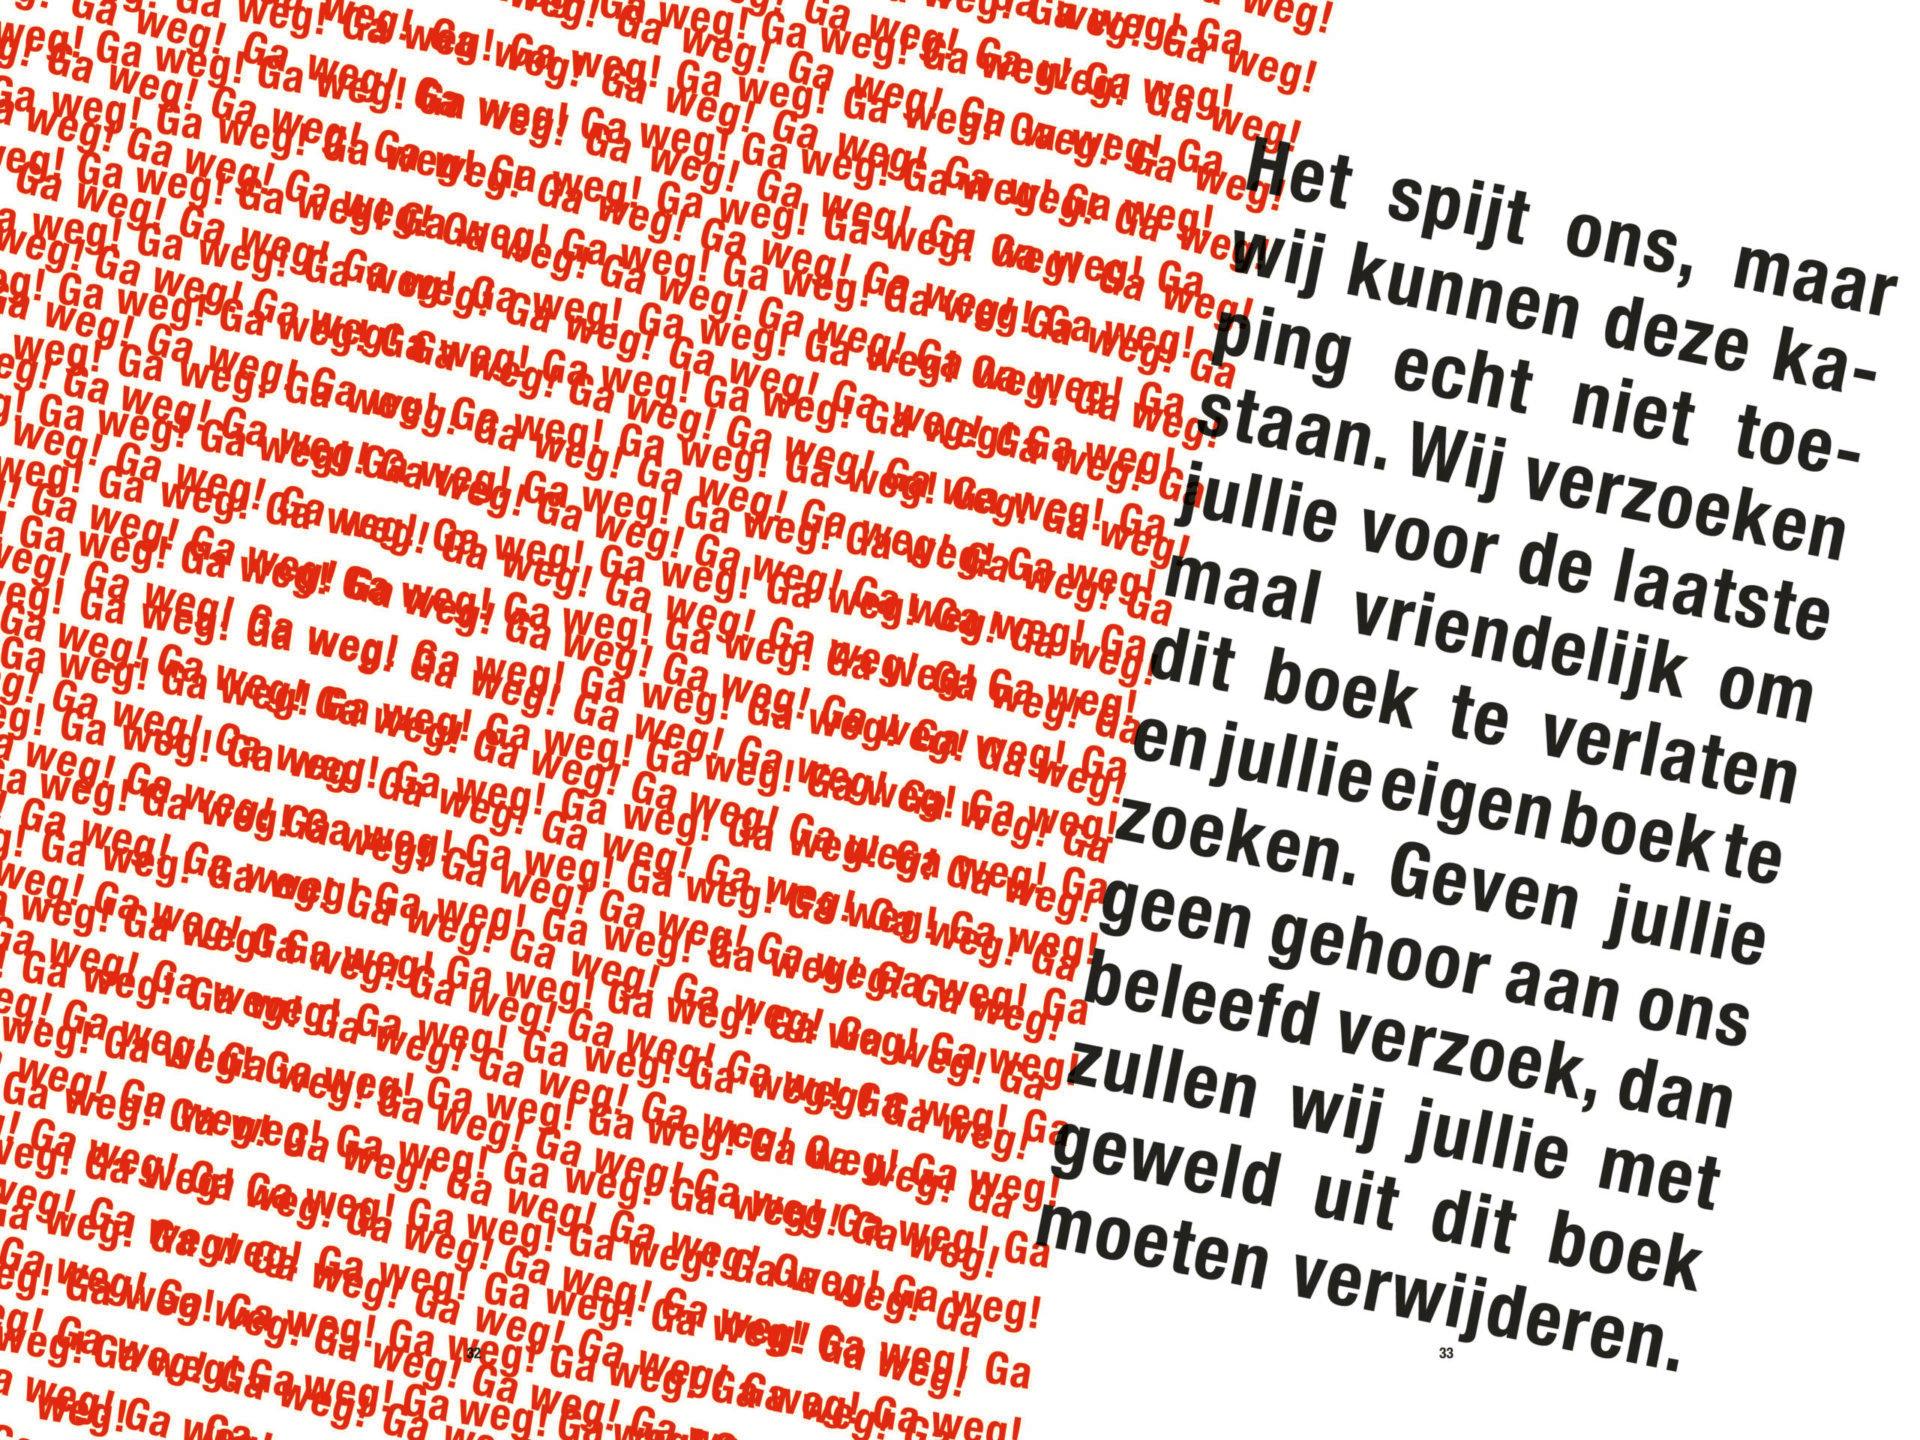 Dichter aan het woord: Ted van Lieshout